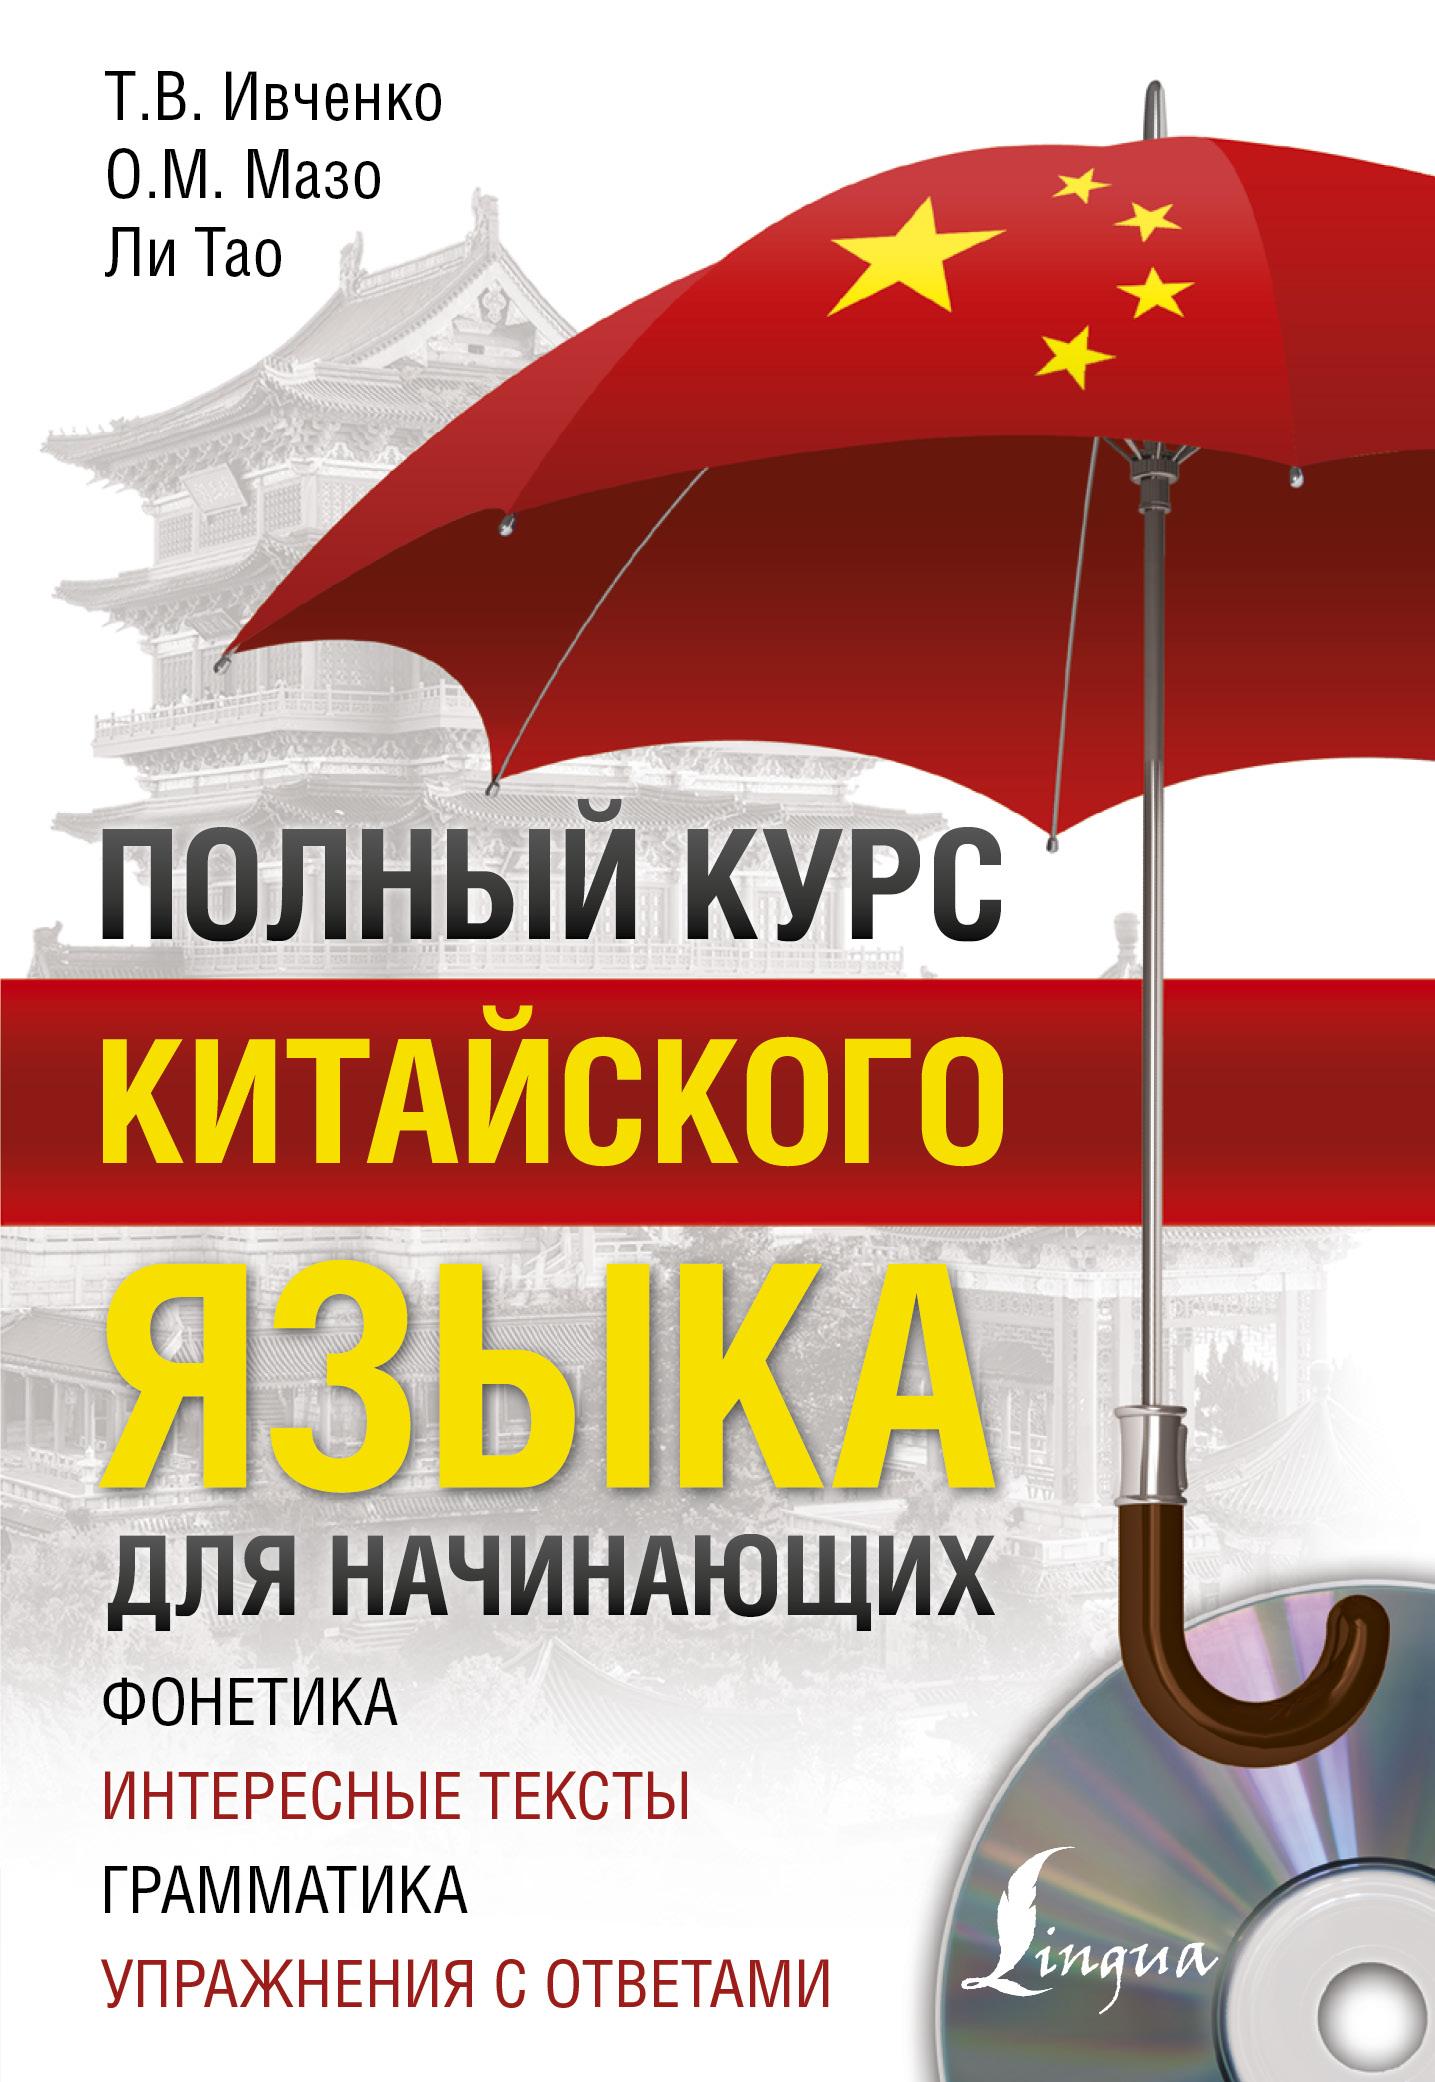 все цены на Тао Ли,Т. В. Ивченко,О. М. Мазо Полный курс китайского языка для начинающих (+ CD) онлайн